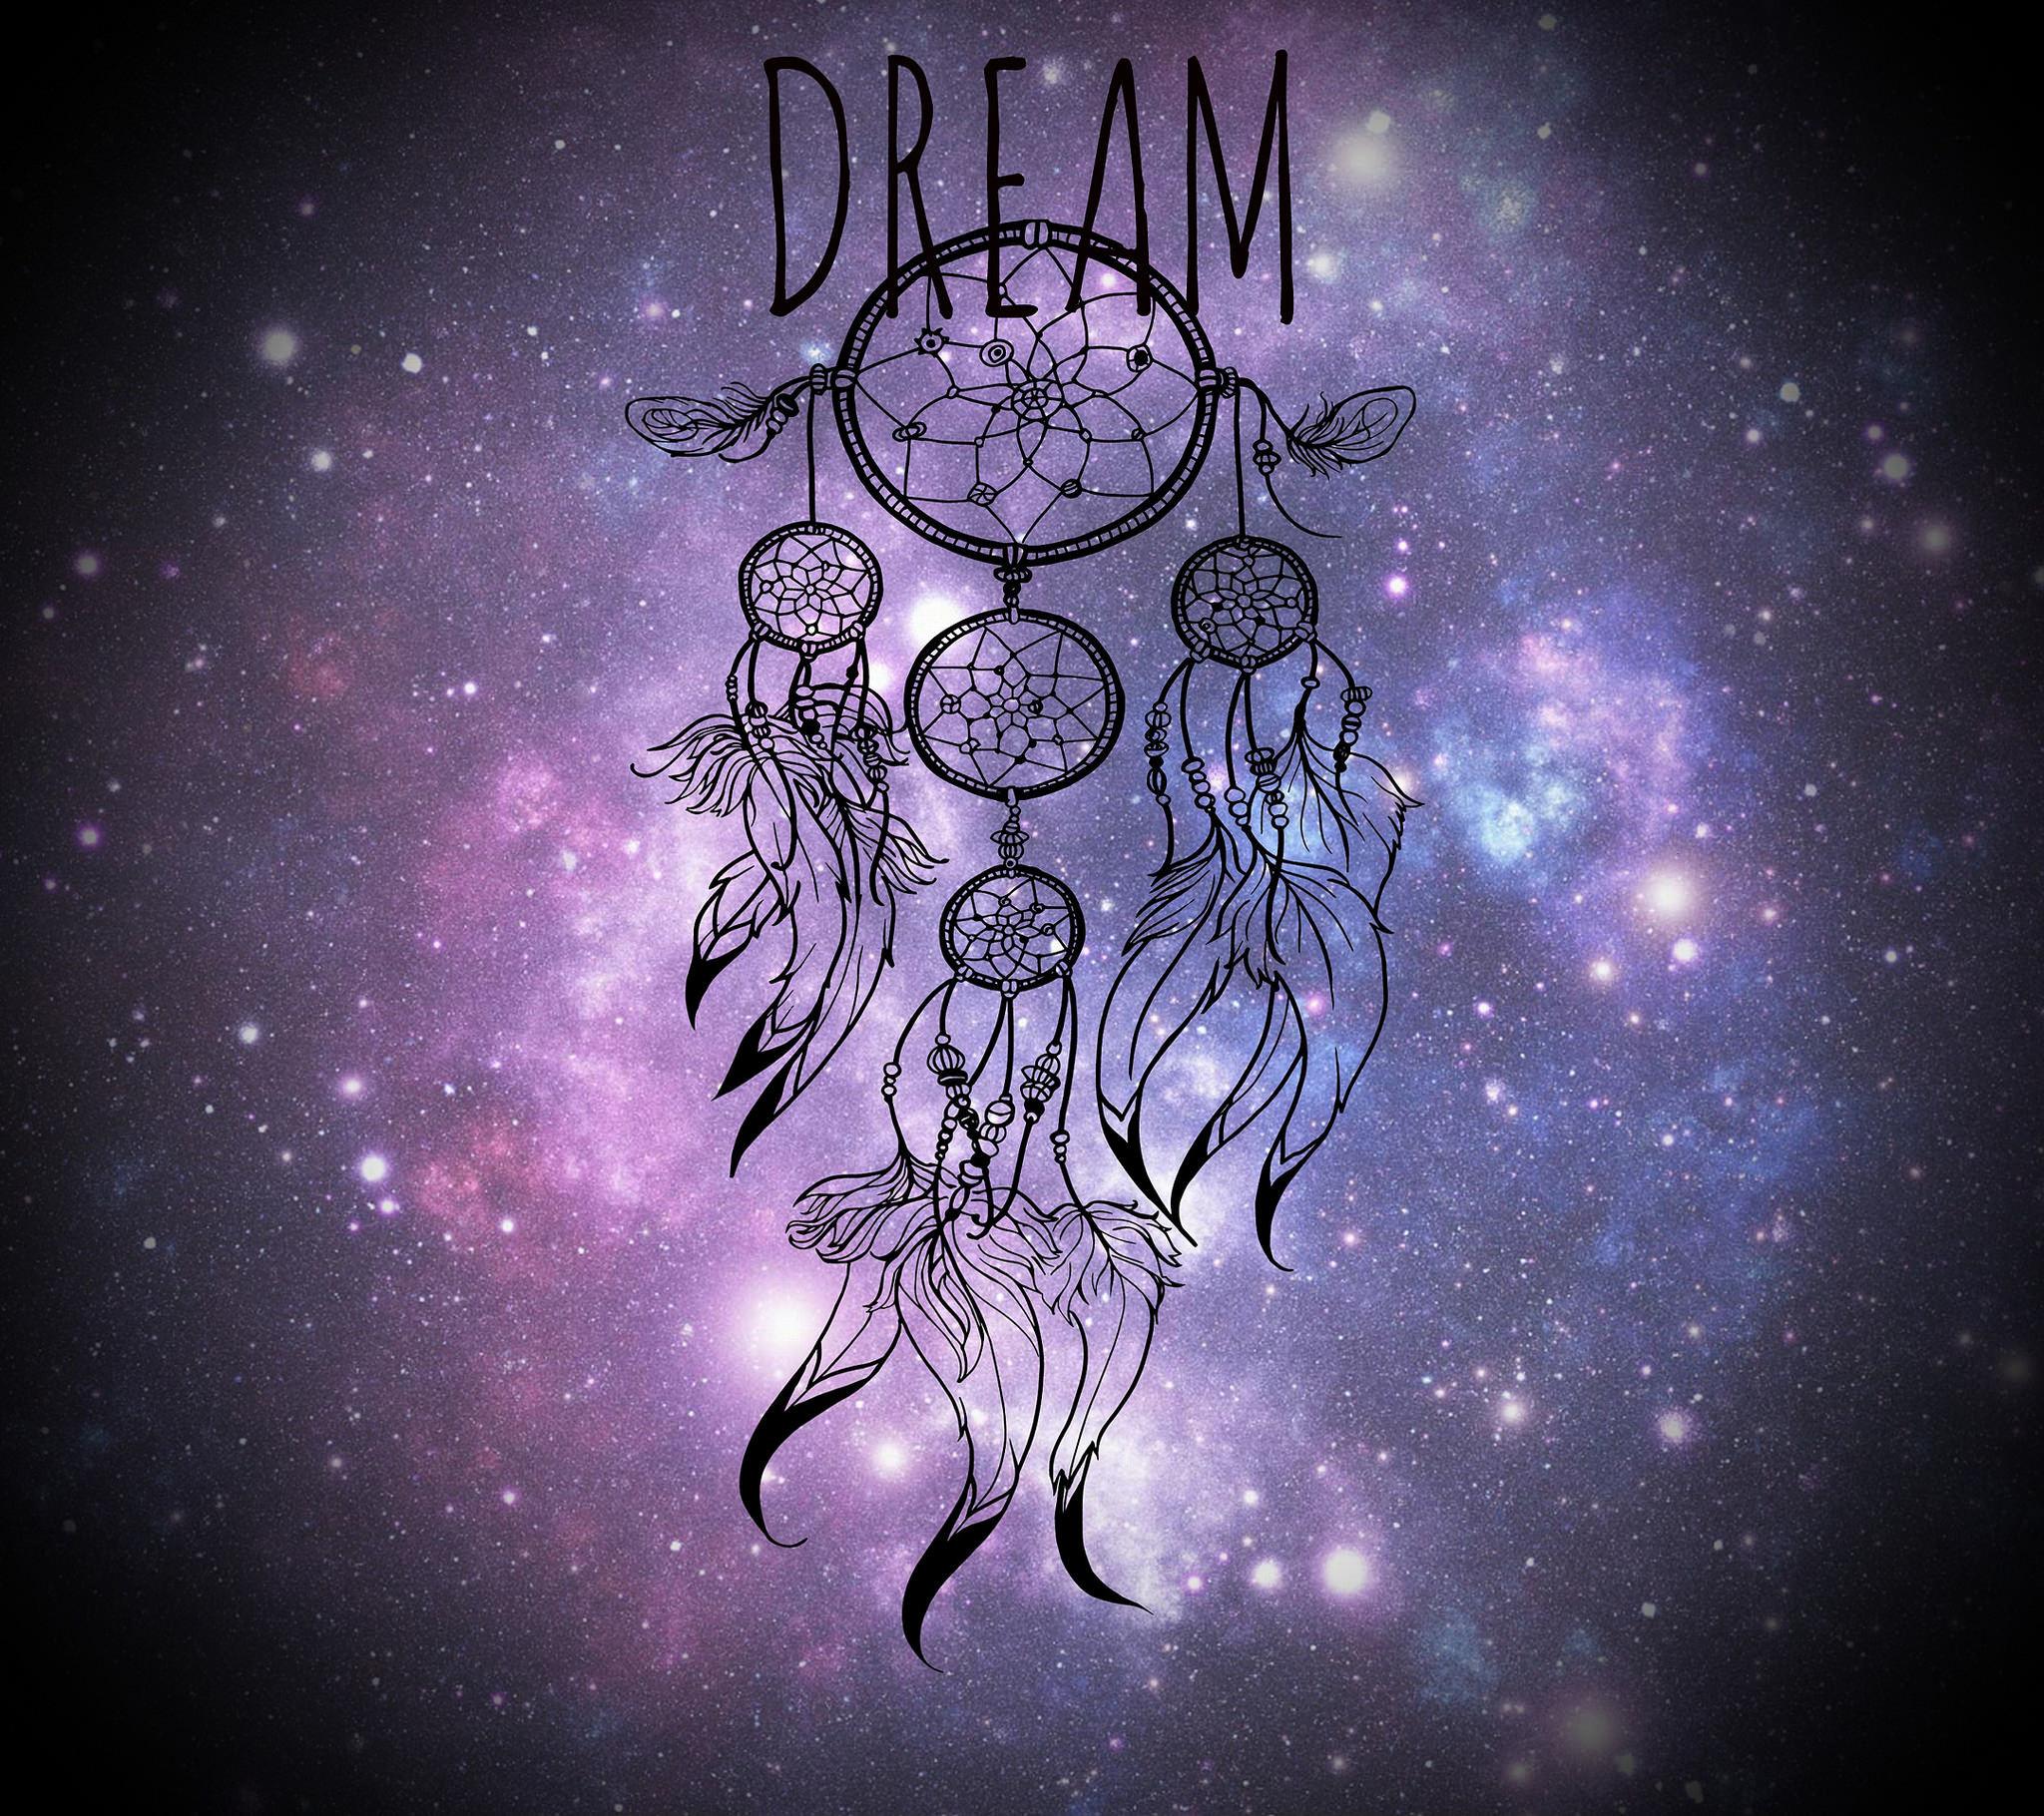 Dreamcatcher Kpop Wallpapers